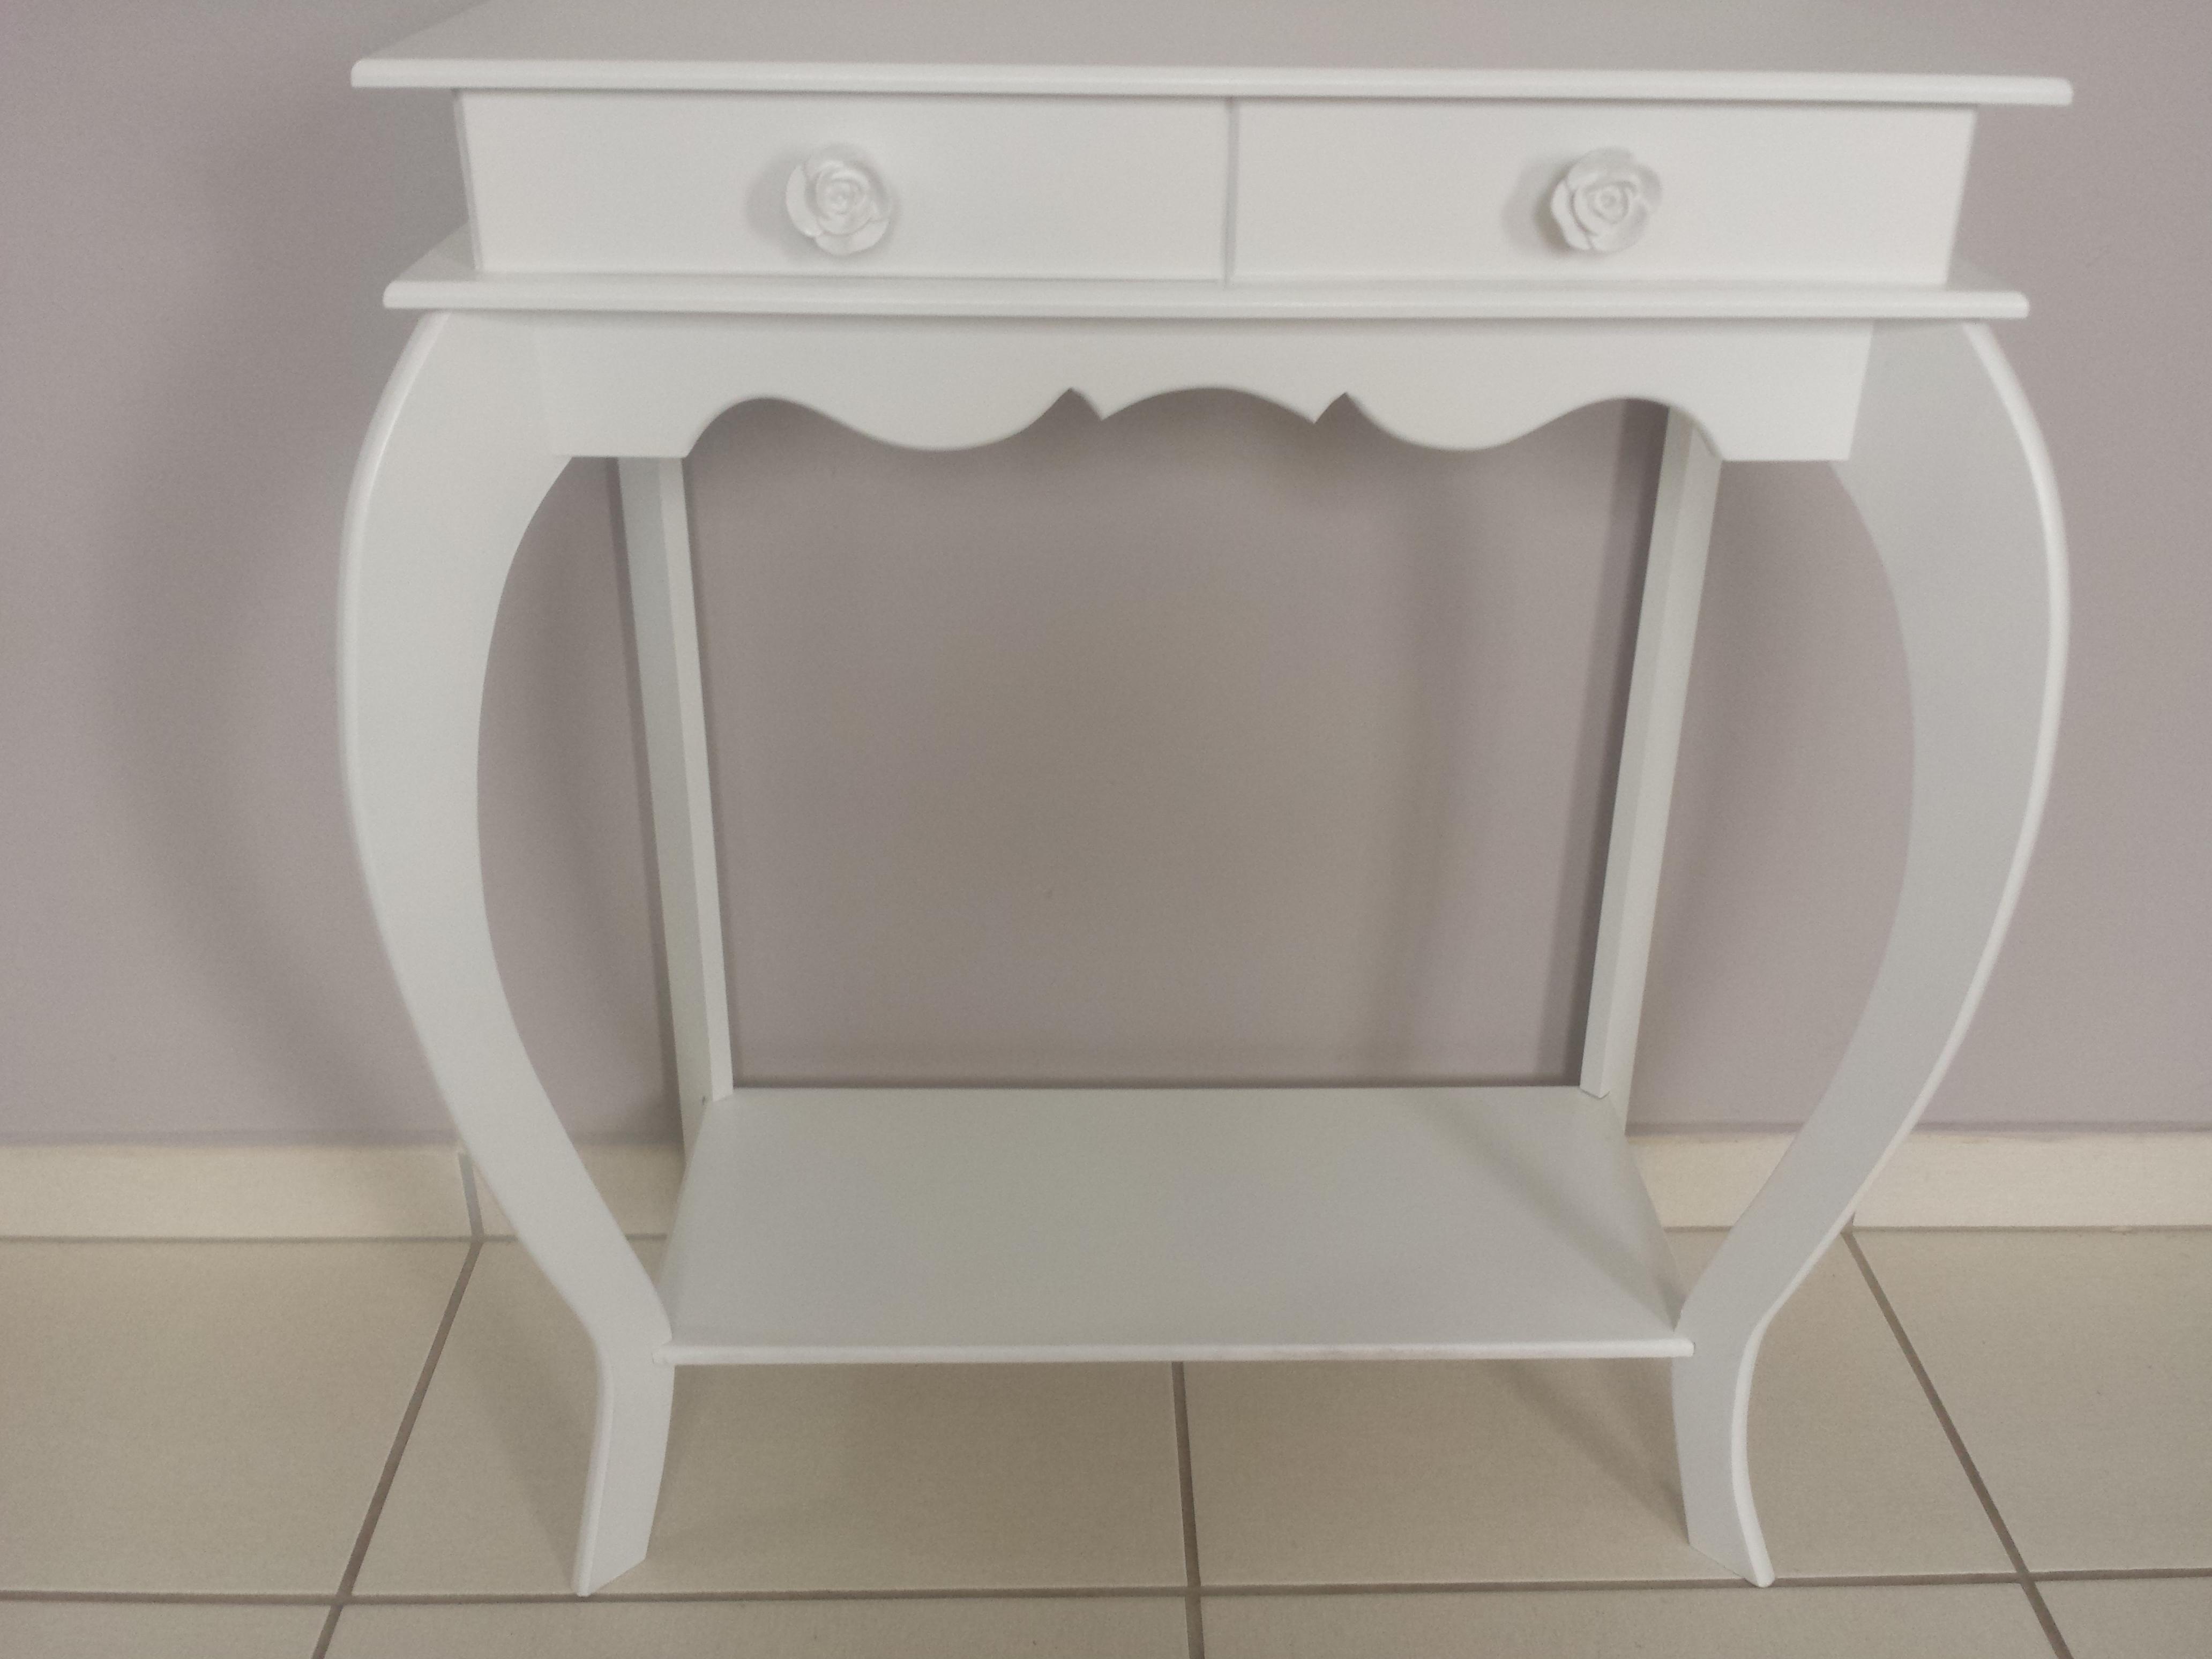 Aparador Sofa ~ aparador mdf 2 gaveta branco alto brilho Pink Style Elo7